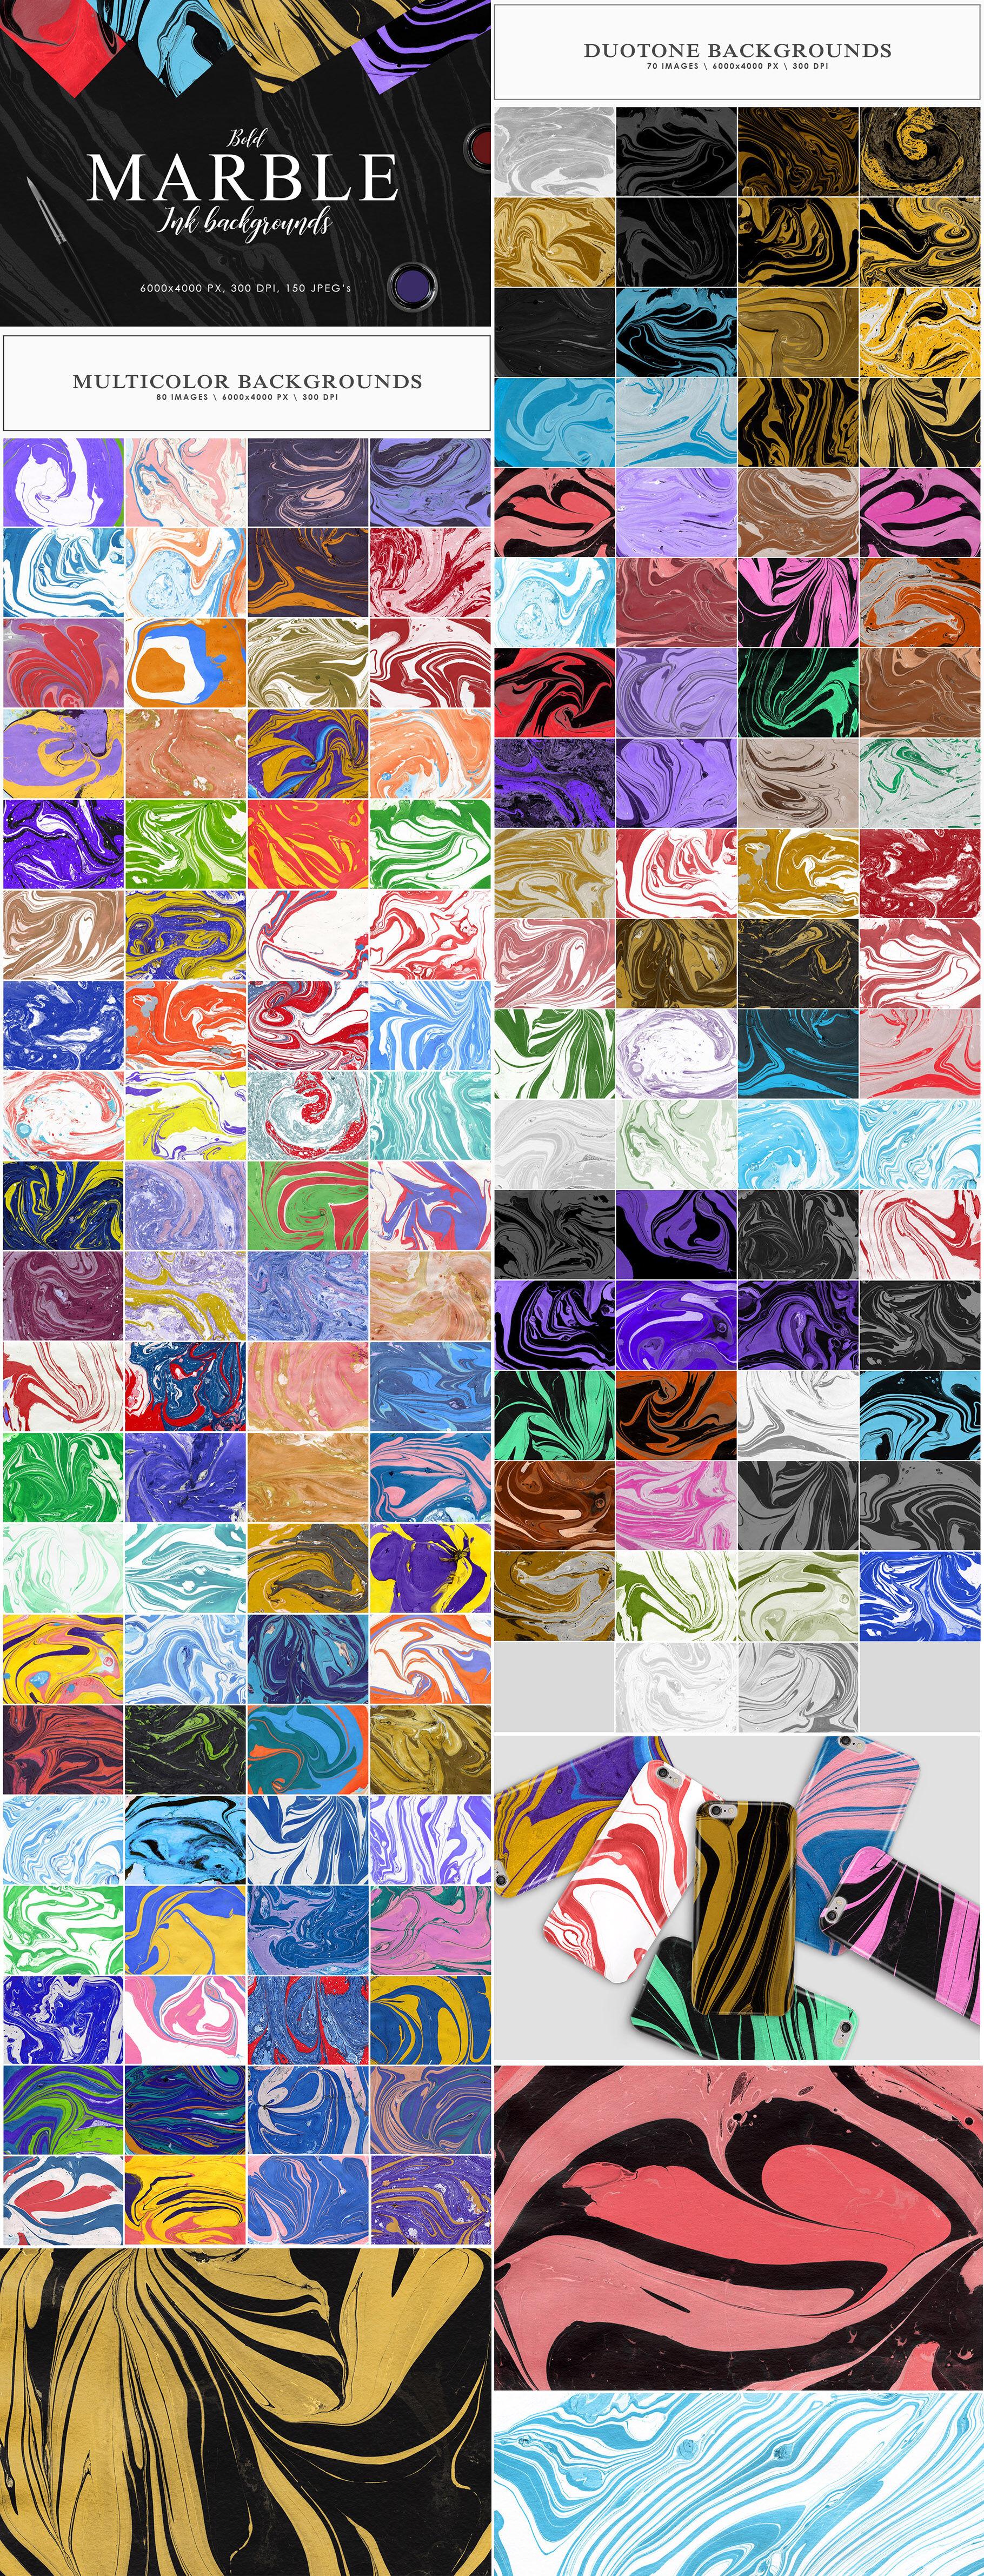 Aesthetic Backgrounds Bundle By Artistmef Thehungryjpeg Com